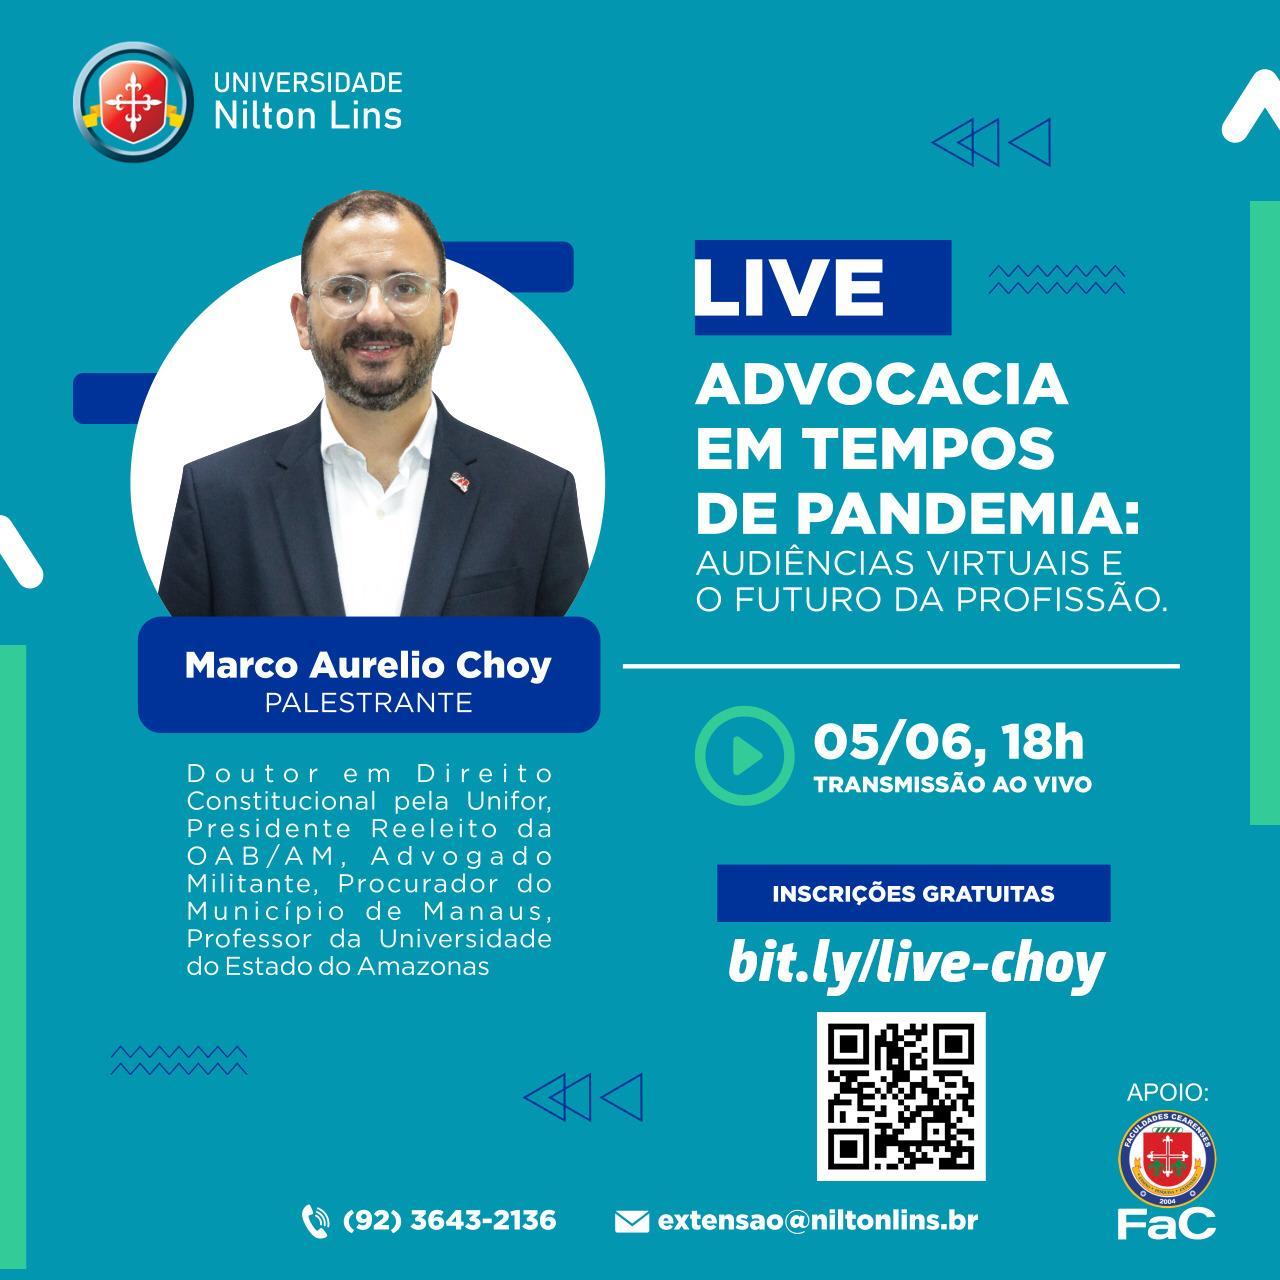 Título: Universidade Nilton Lins promove Live sobre: Advocacia em tempos de pandemia